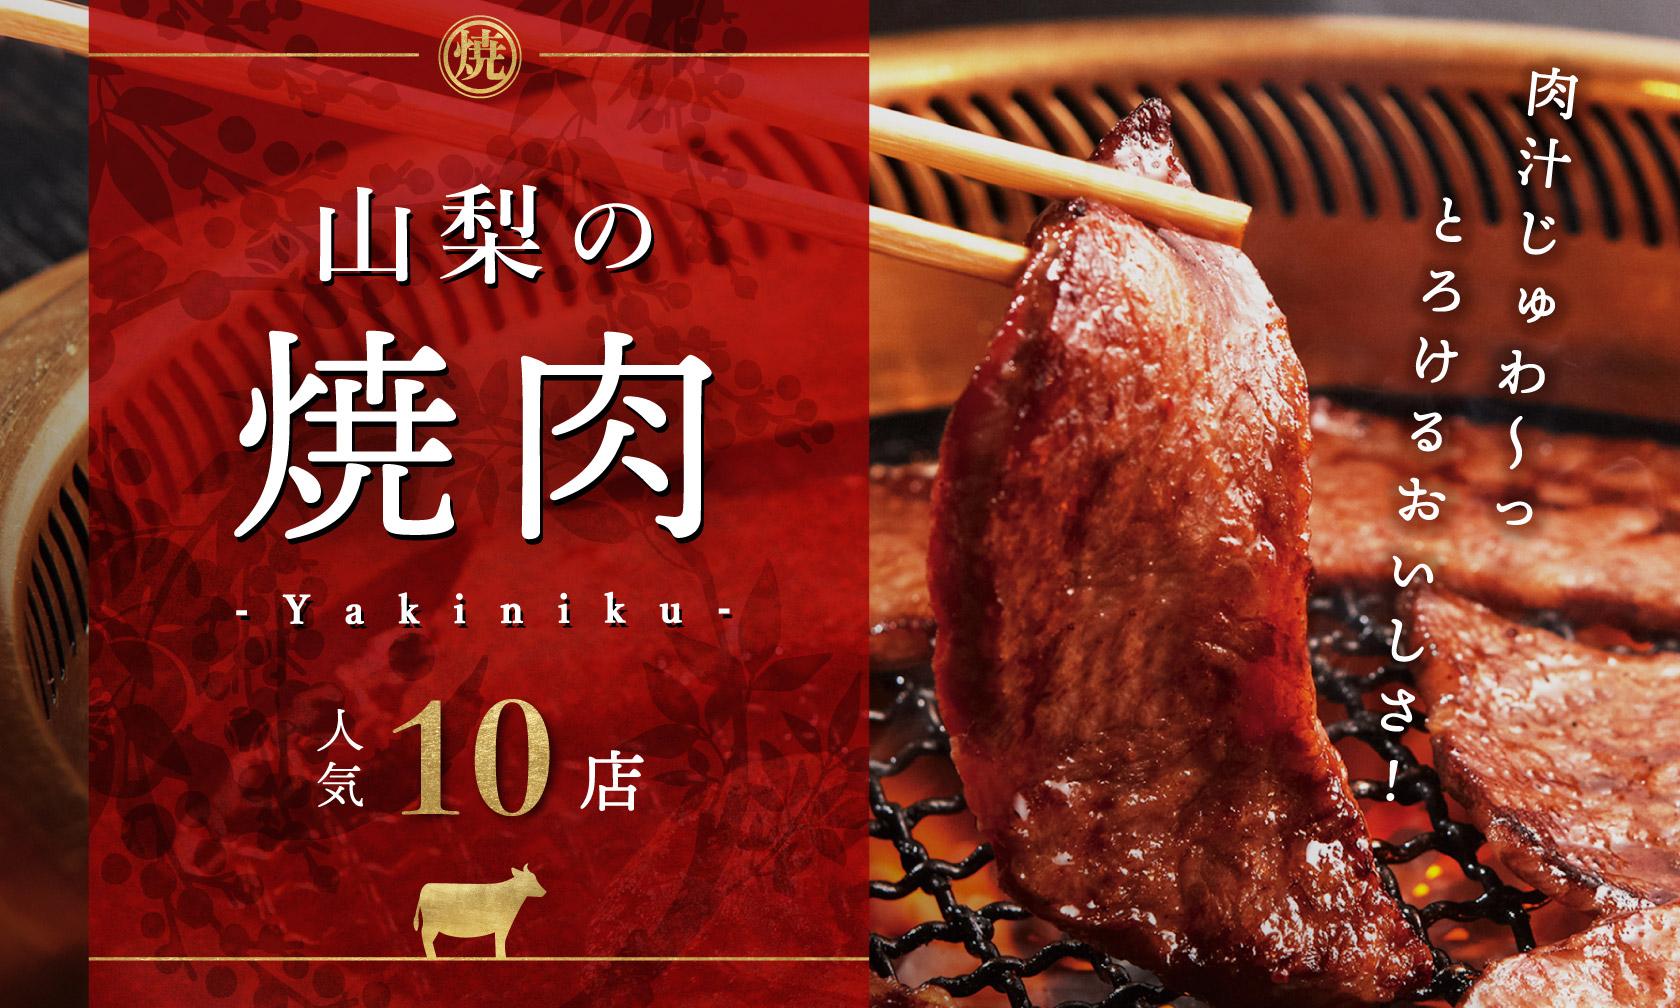 山梨の焼肉人気10店!肉汁じゅわ〜っ、とろける美味しさ!